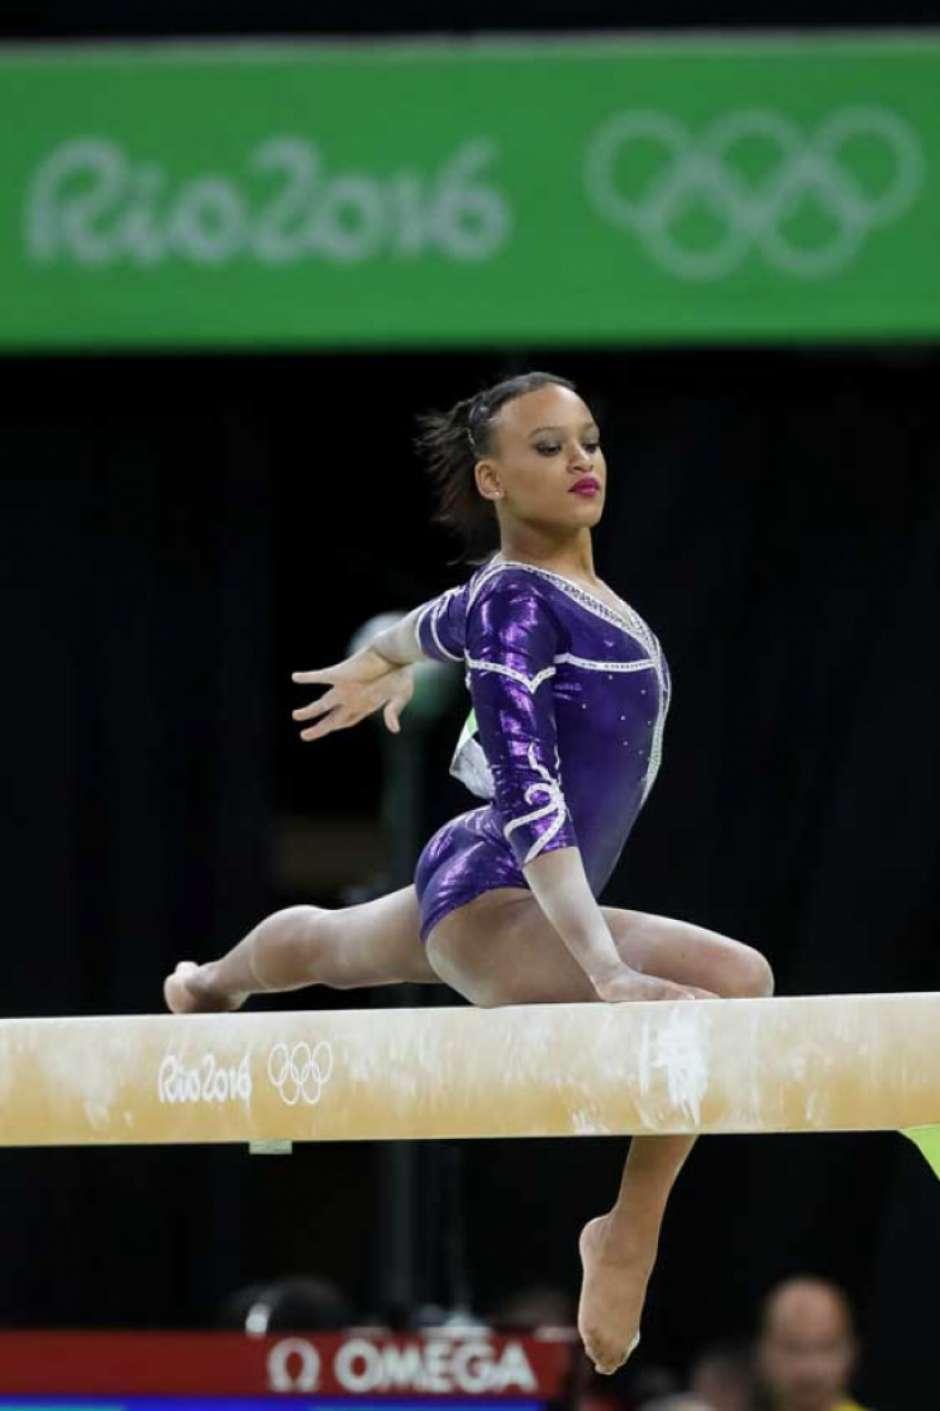 Conheça mais sobre Rebeca Andrade, atleta que defenderá o Brasil na ginástica artística feminina nos Jogos Olímpicos de Tóquio 2020